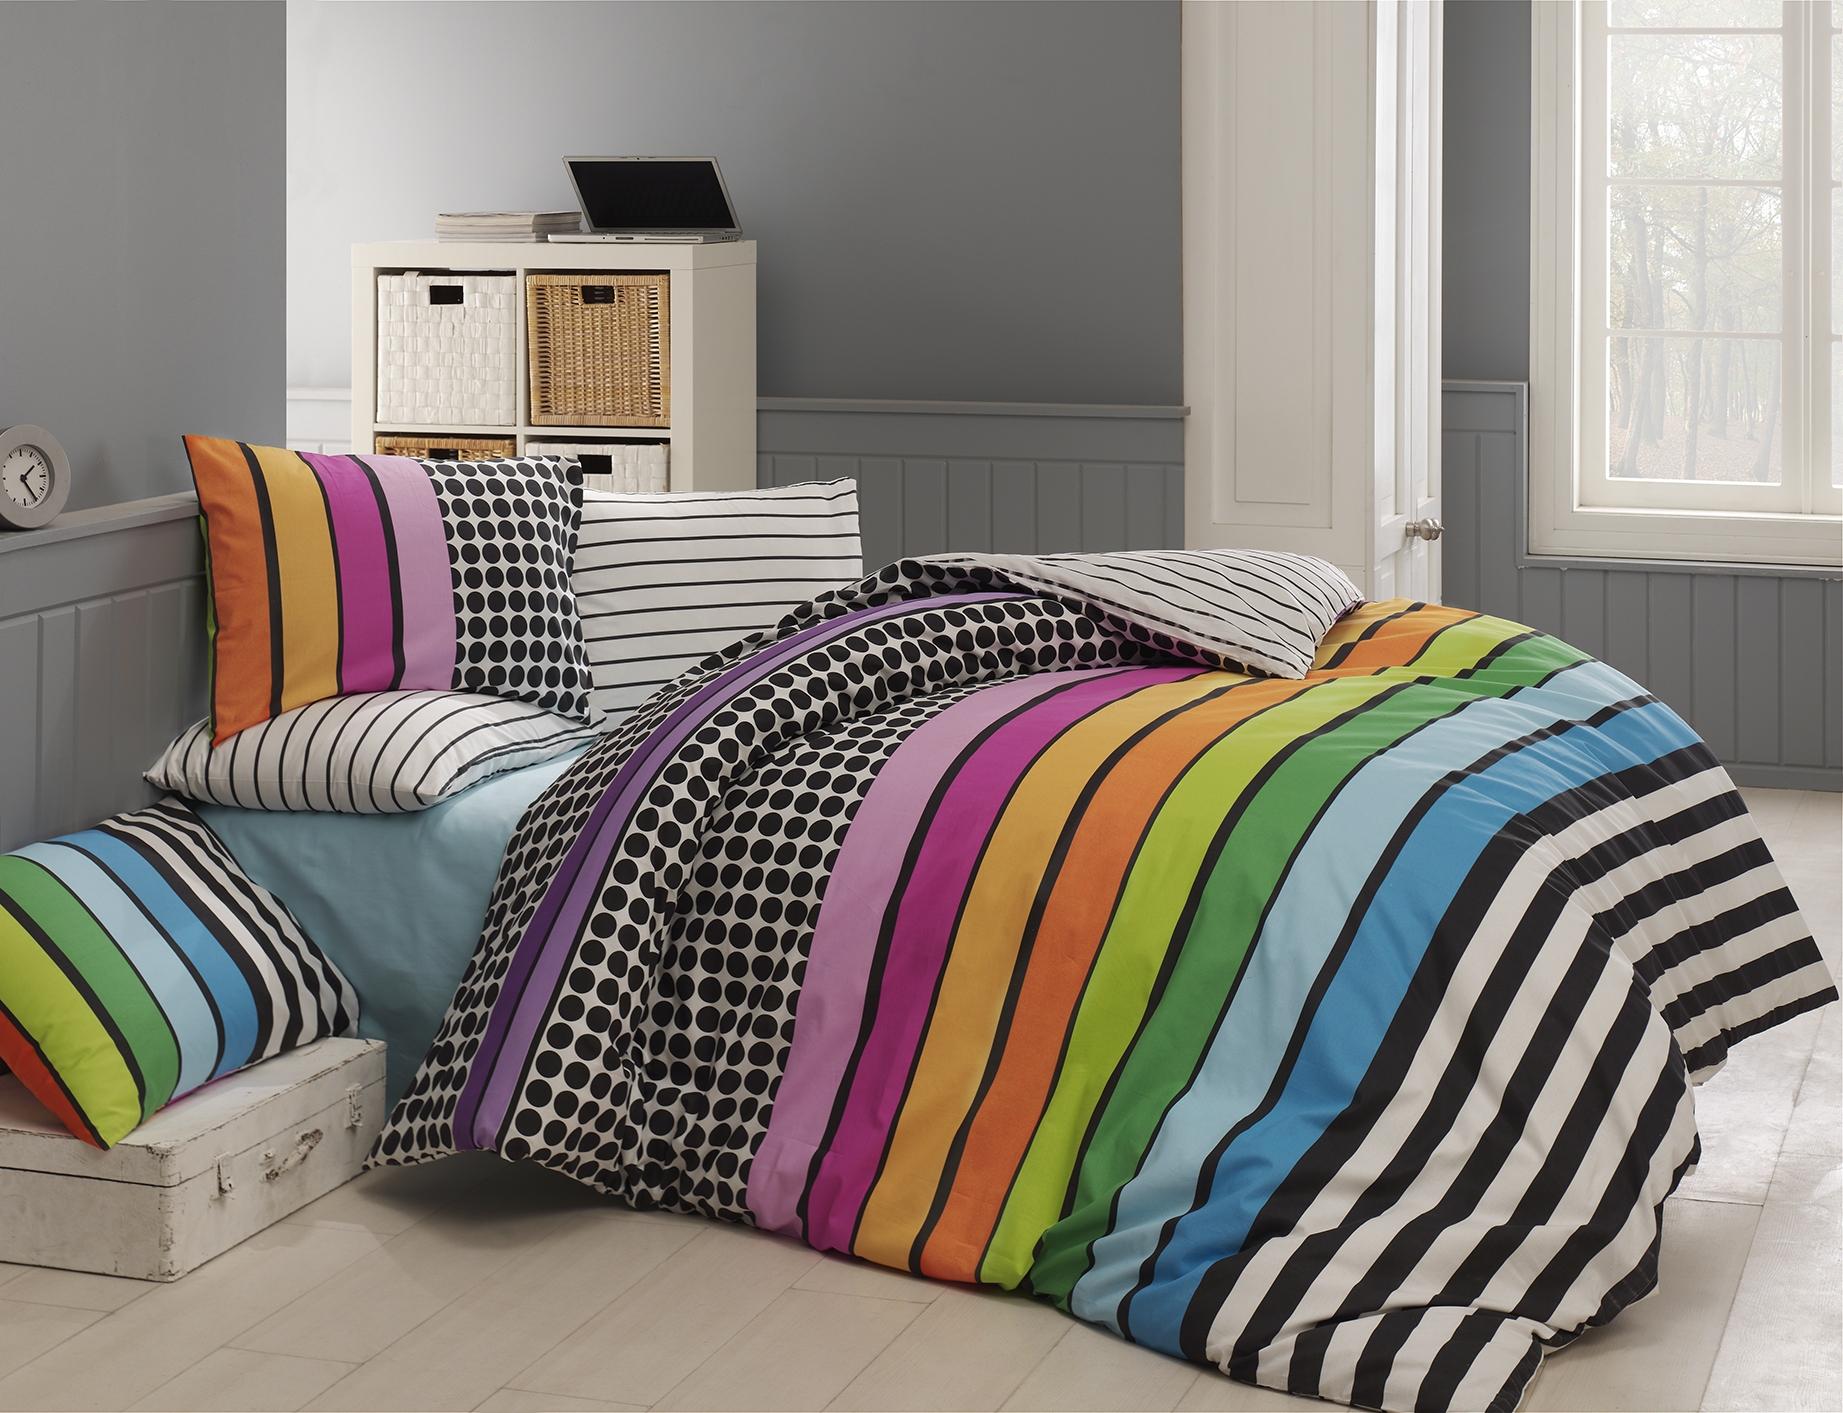 Lenjerie de pat Ranforce Colored V1 Multicolor-2 pers-200 x 220 cm